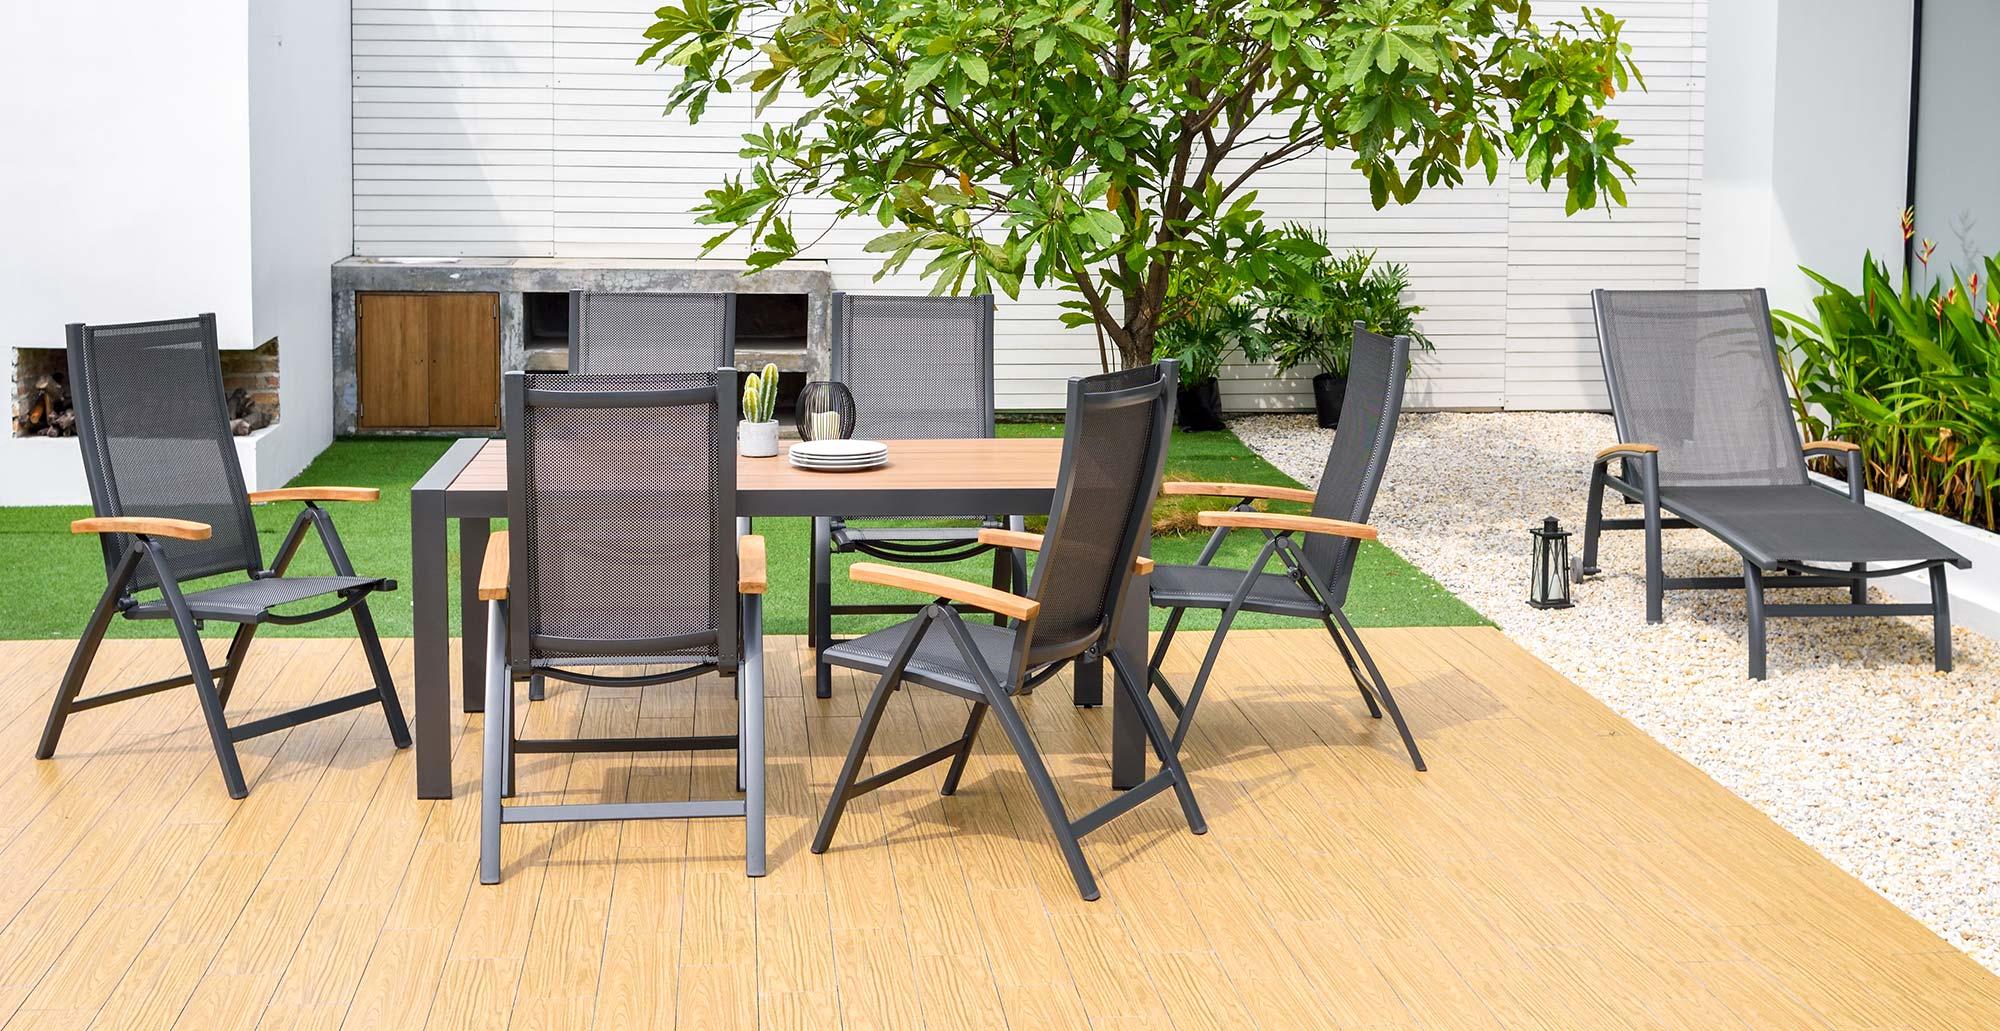 Hliníkový záhradný nábytok